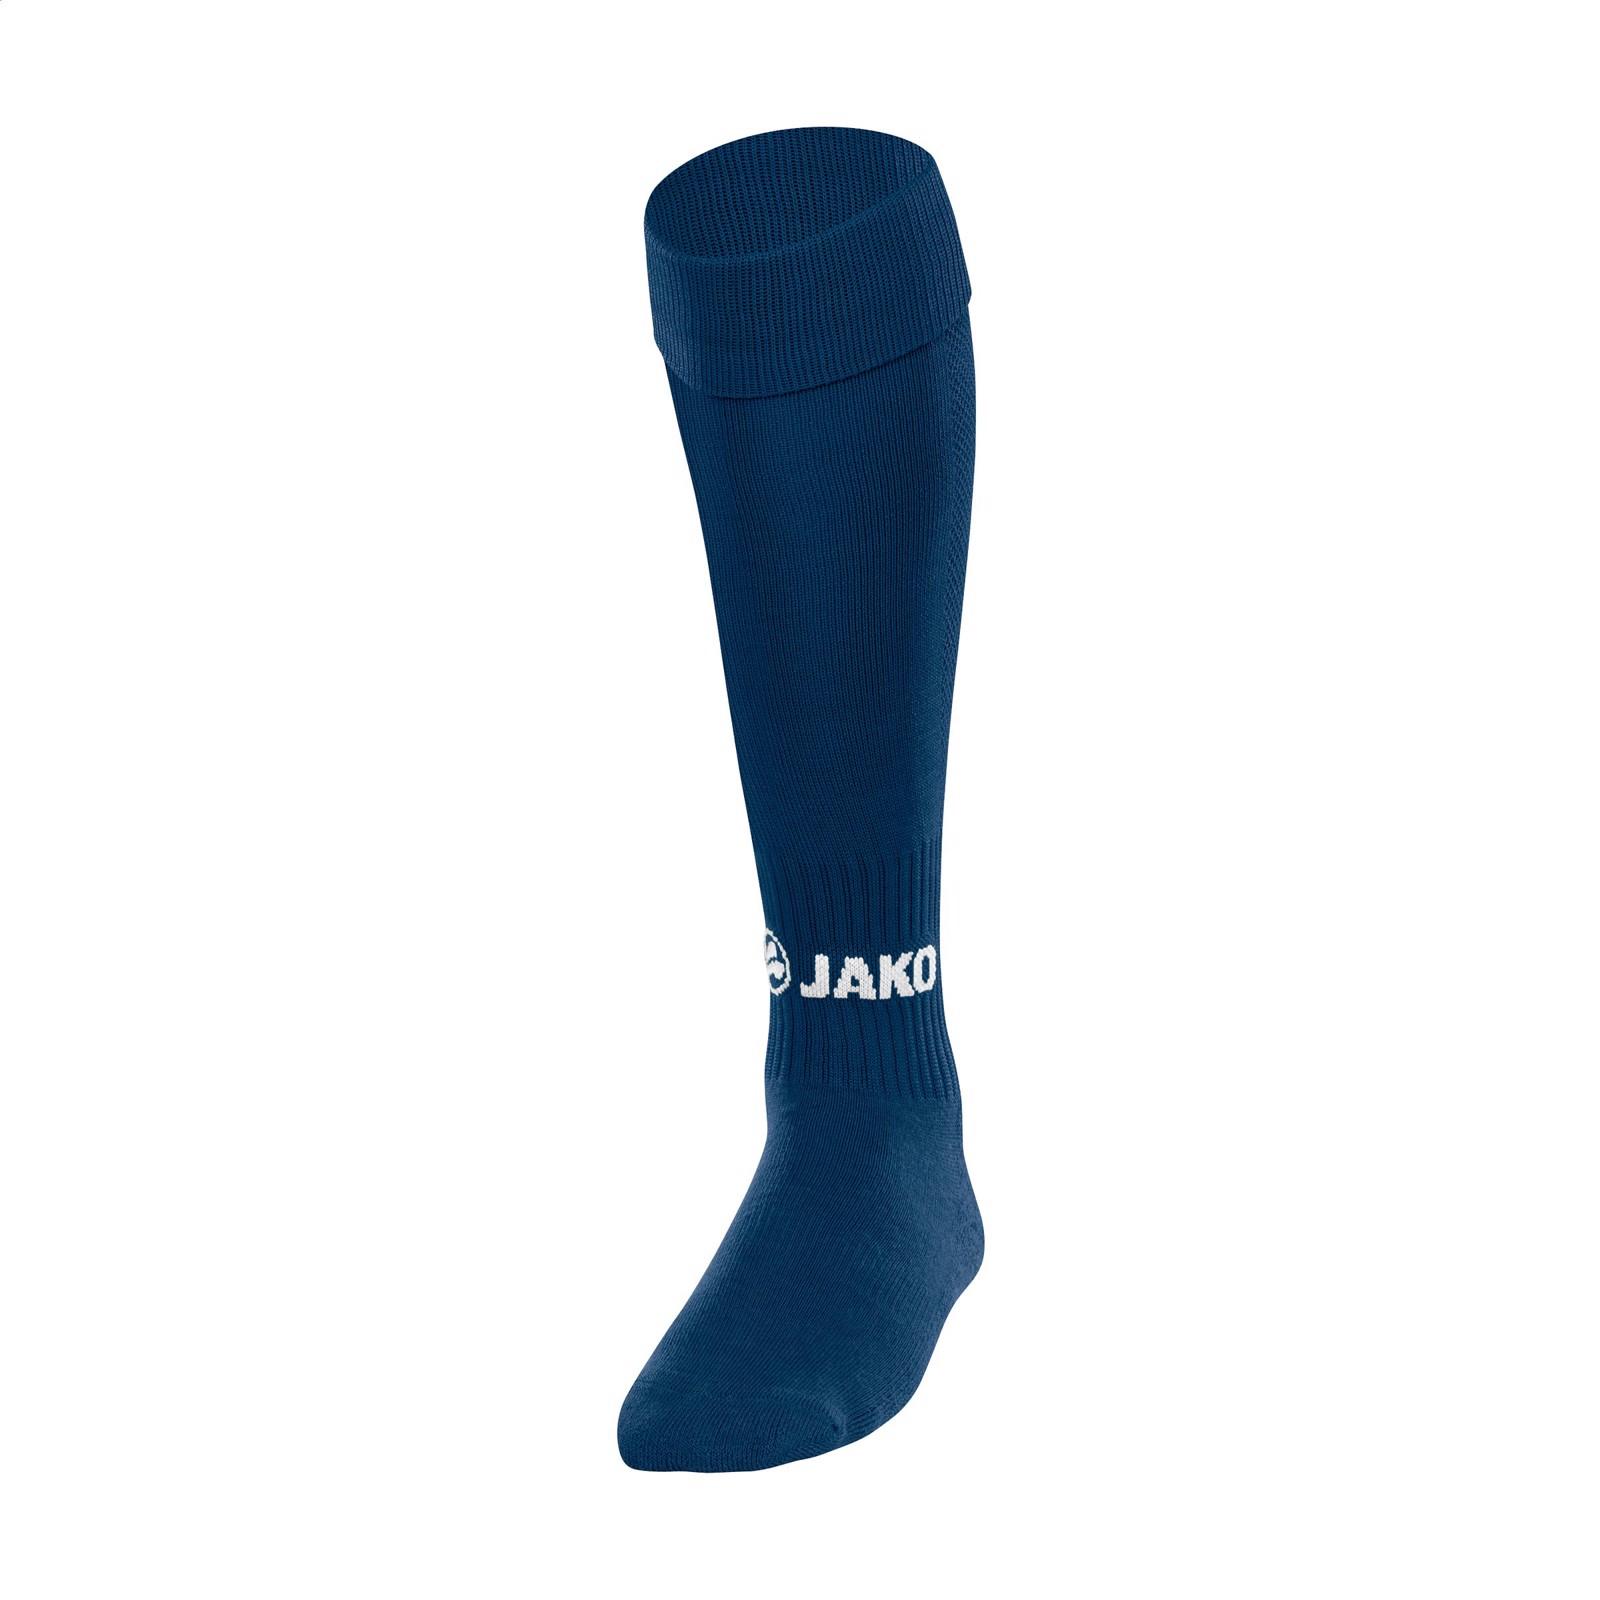 Jako® Glasgow Sport Socks  2.0 Adults - Navy / S